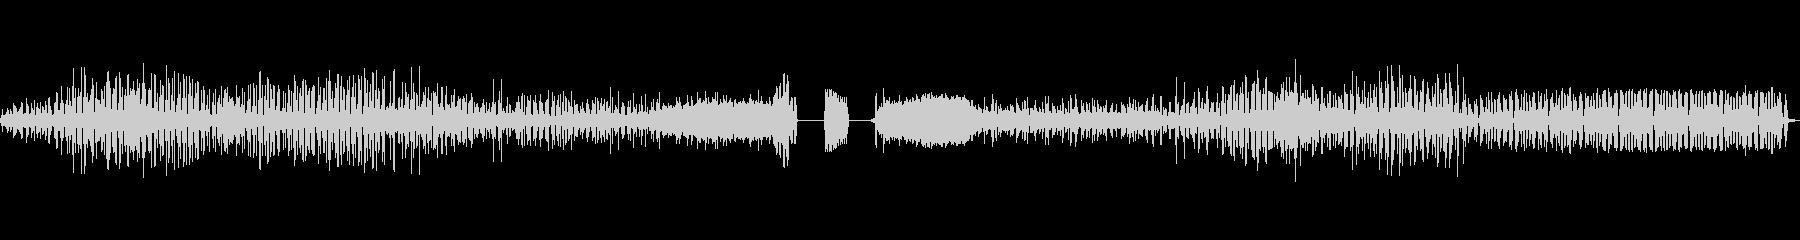 ラジオスキャン4の調整の未再生の波形